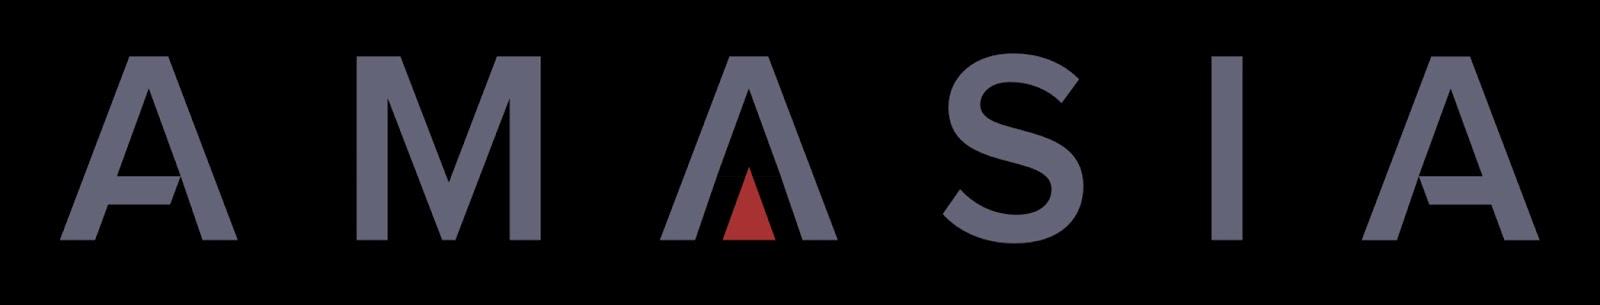 Amasia logo with black bg.jpg